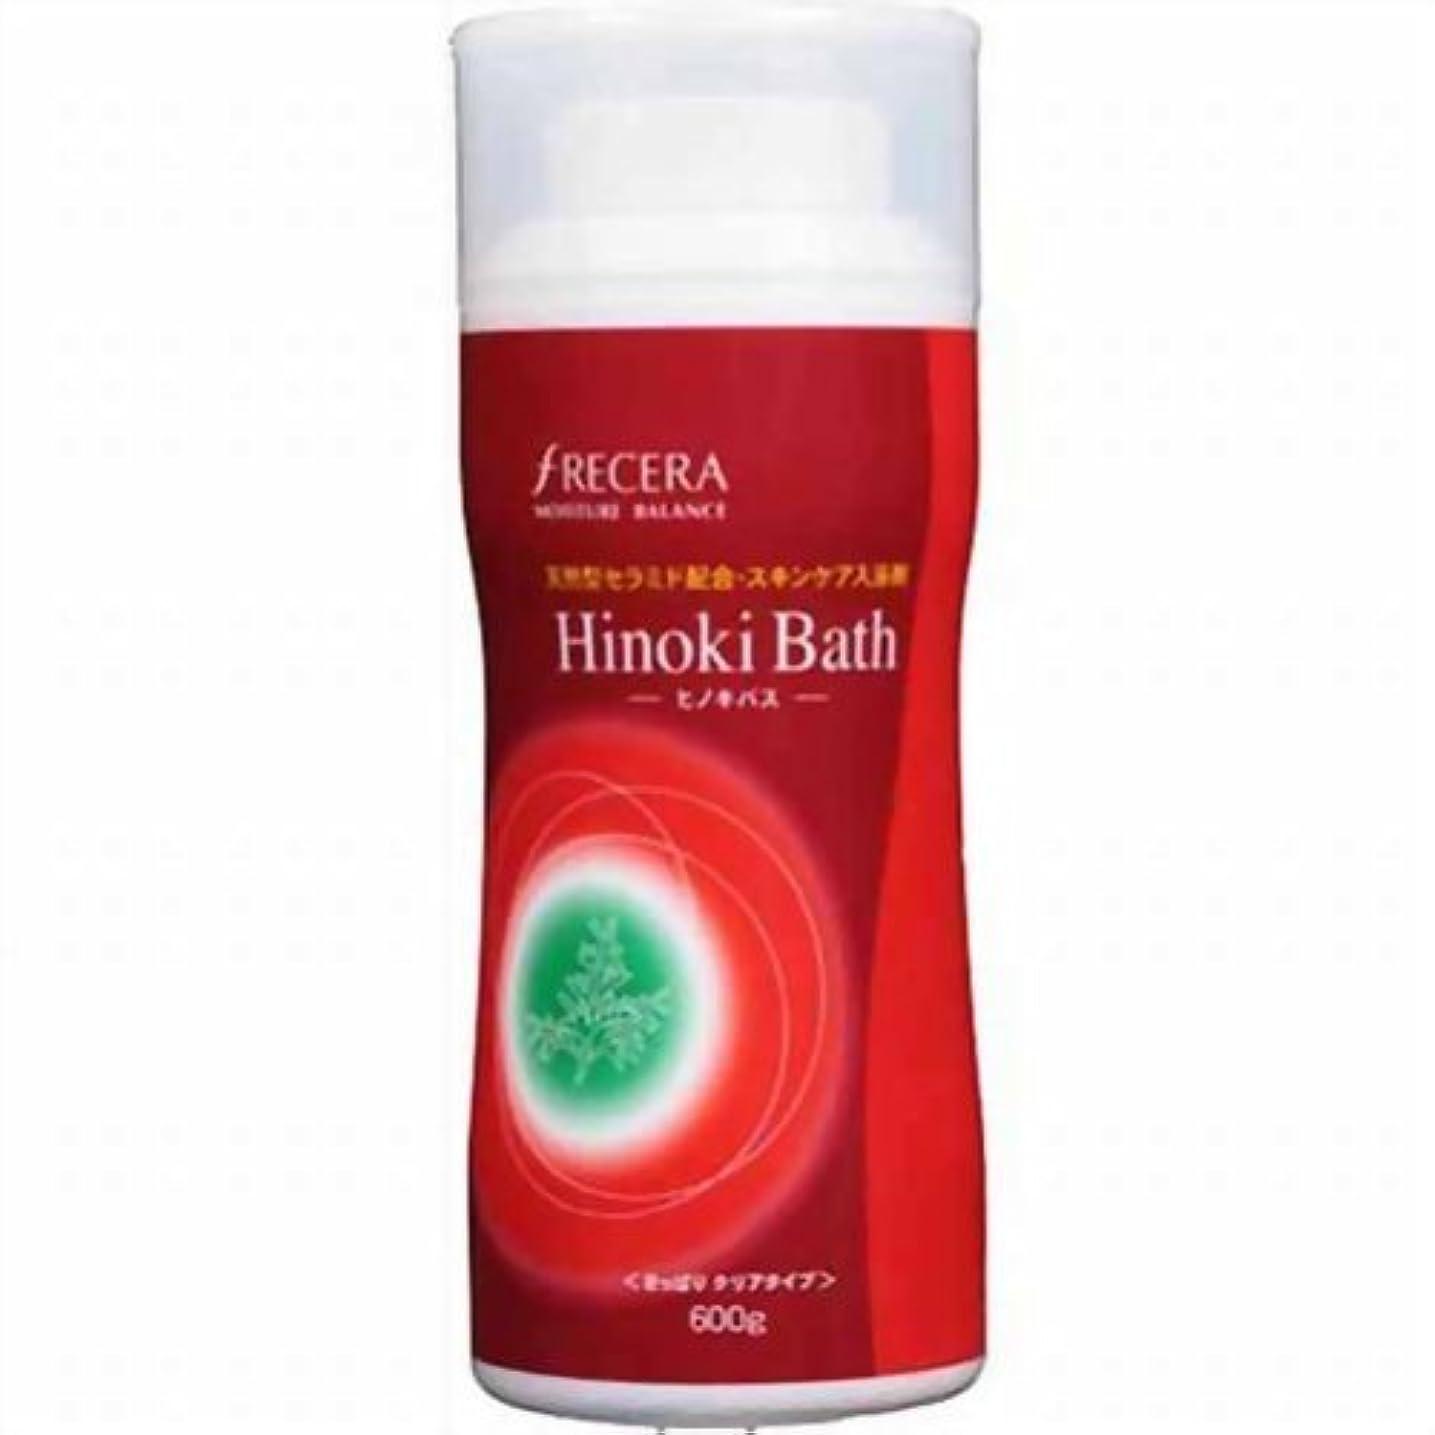 解き明かすによるとアーチフレッセラ セラミド入浴剤 ヒノキバス 600g